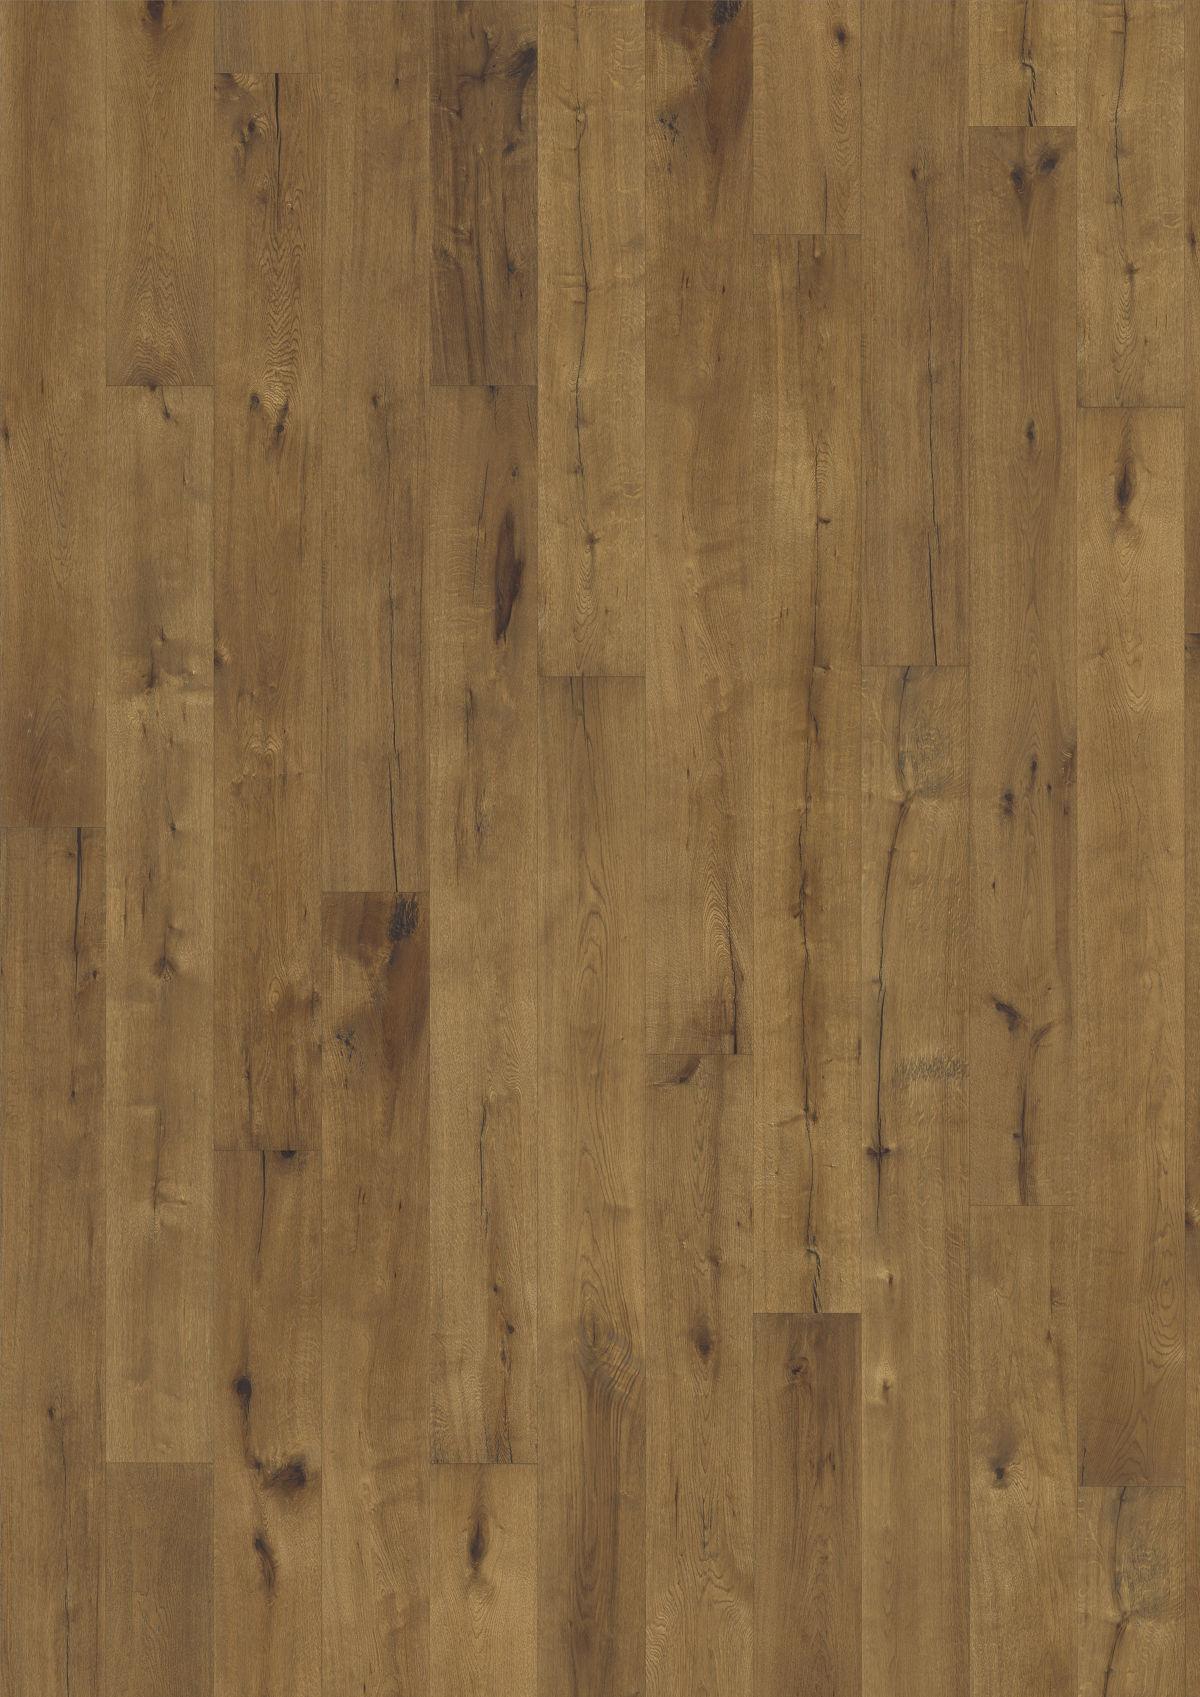 kahrs artisan oak tan engineered wood flooring. Black Bedroom Furniture Sets. Home Design Ideas